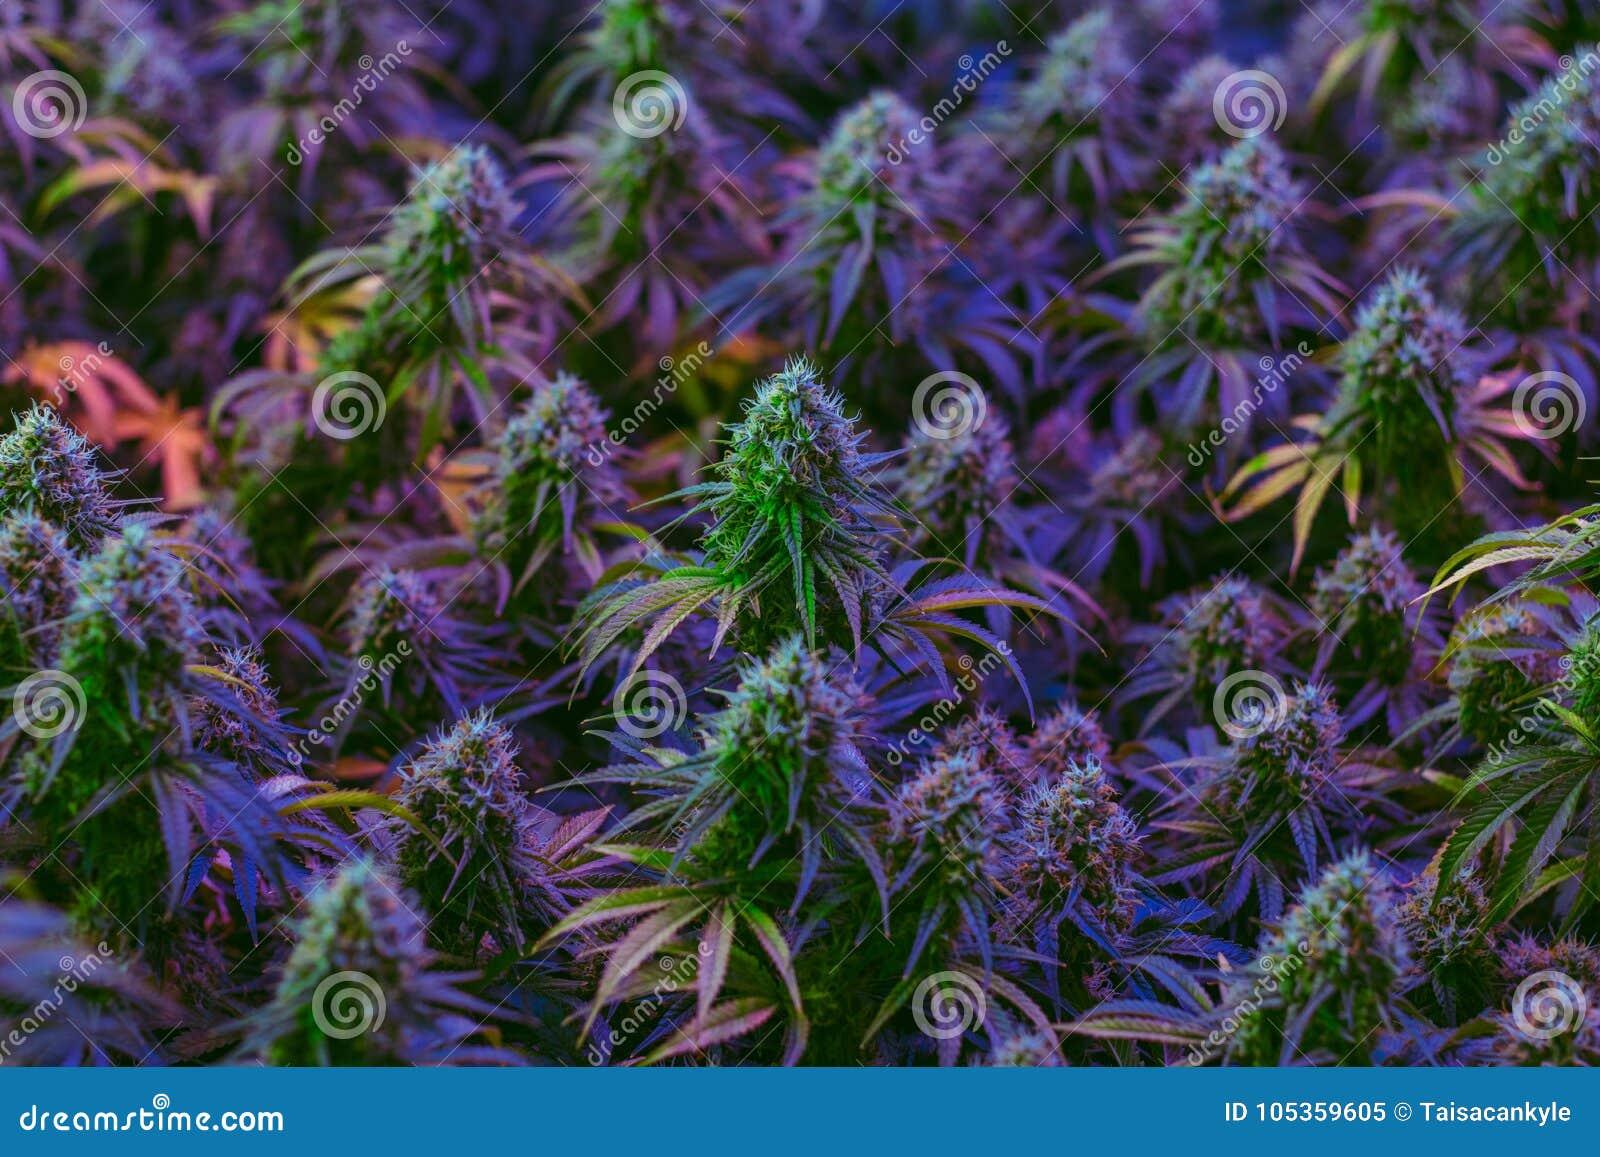 Mycket färgrika marijuanaväxter som odlas för alternativt sjukvårdbruk